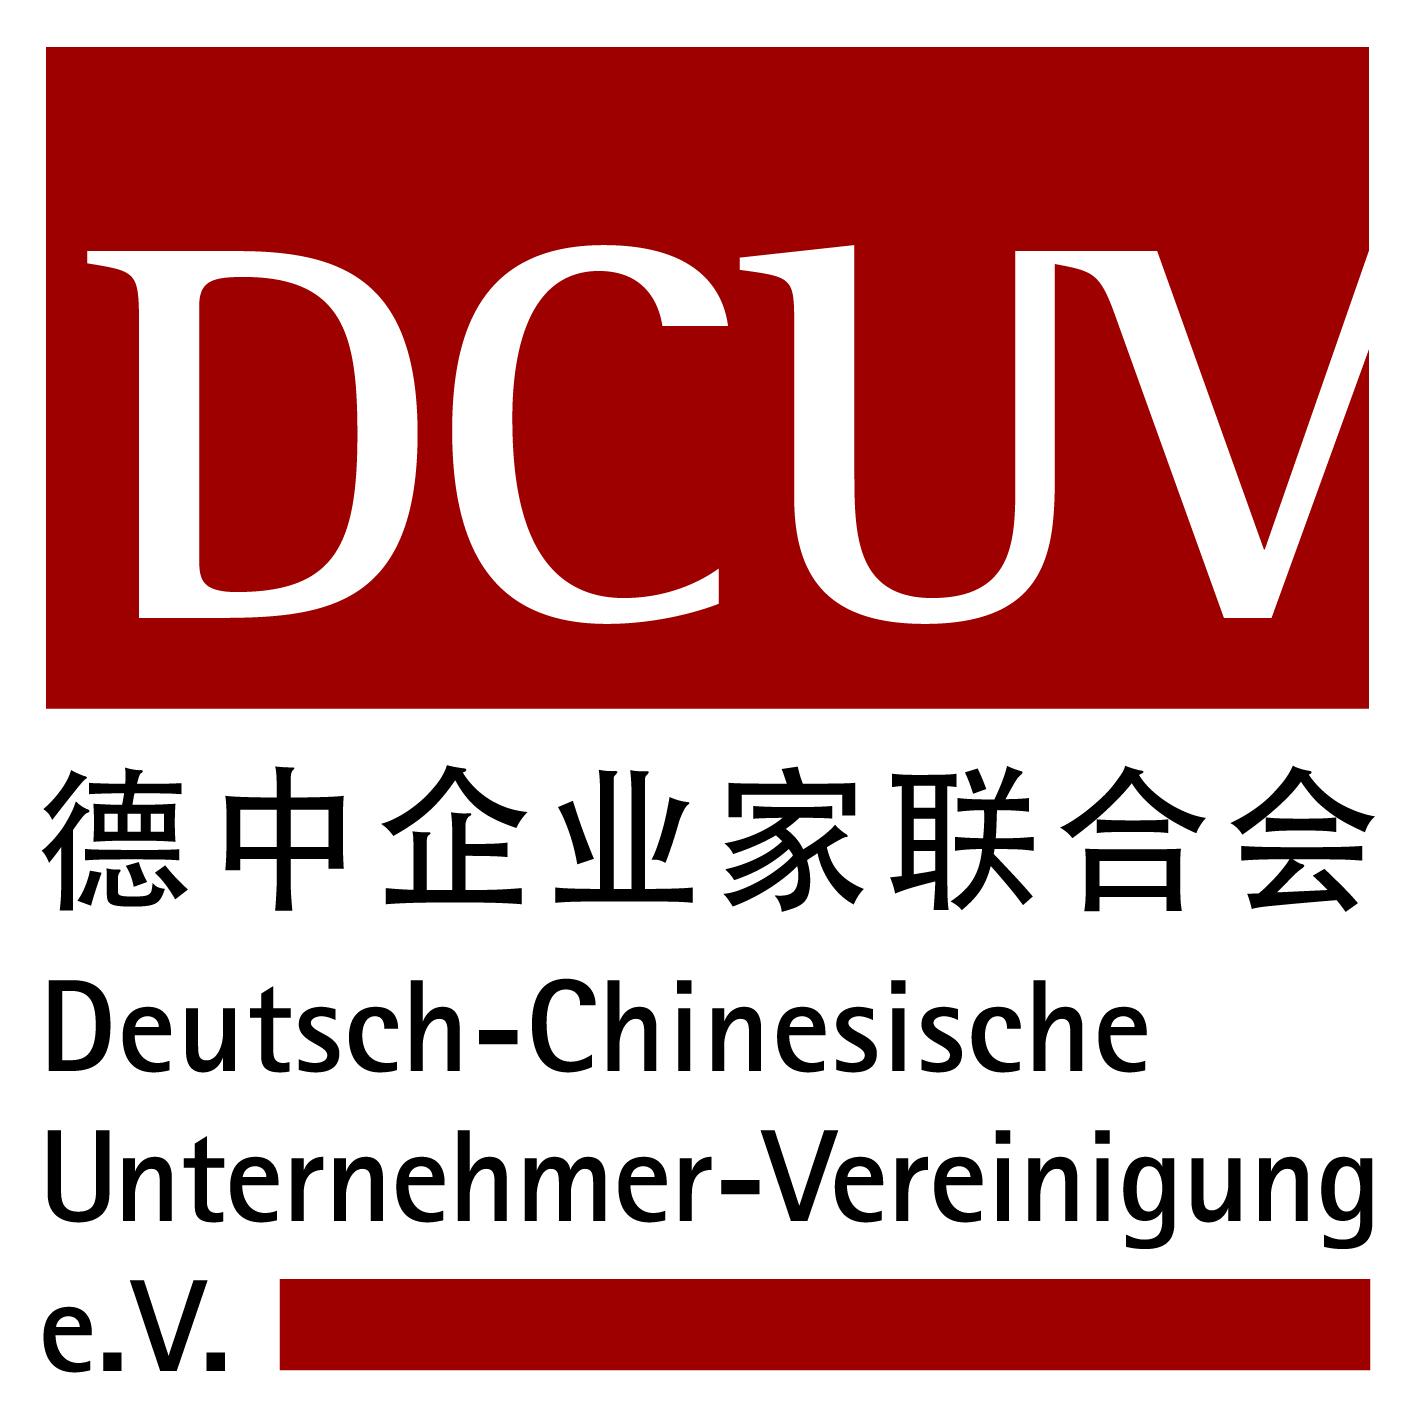 DCUV 德中企业家联合会